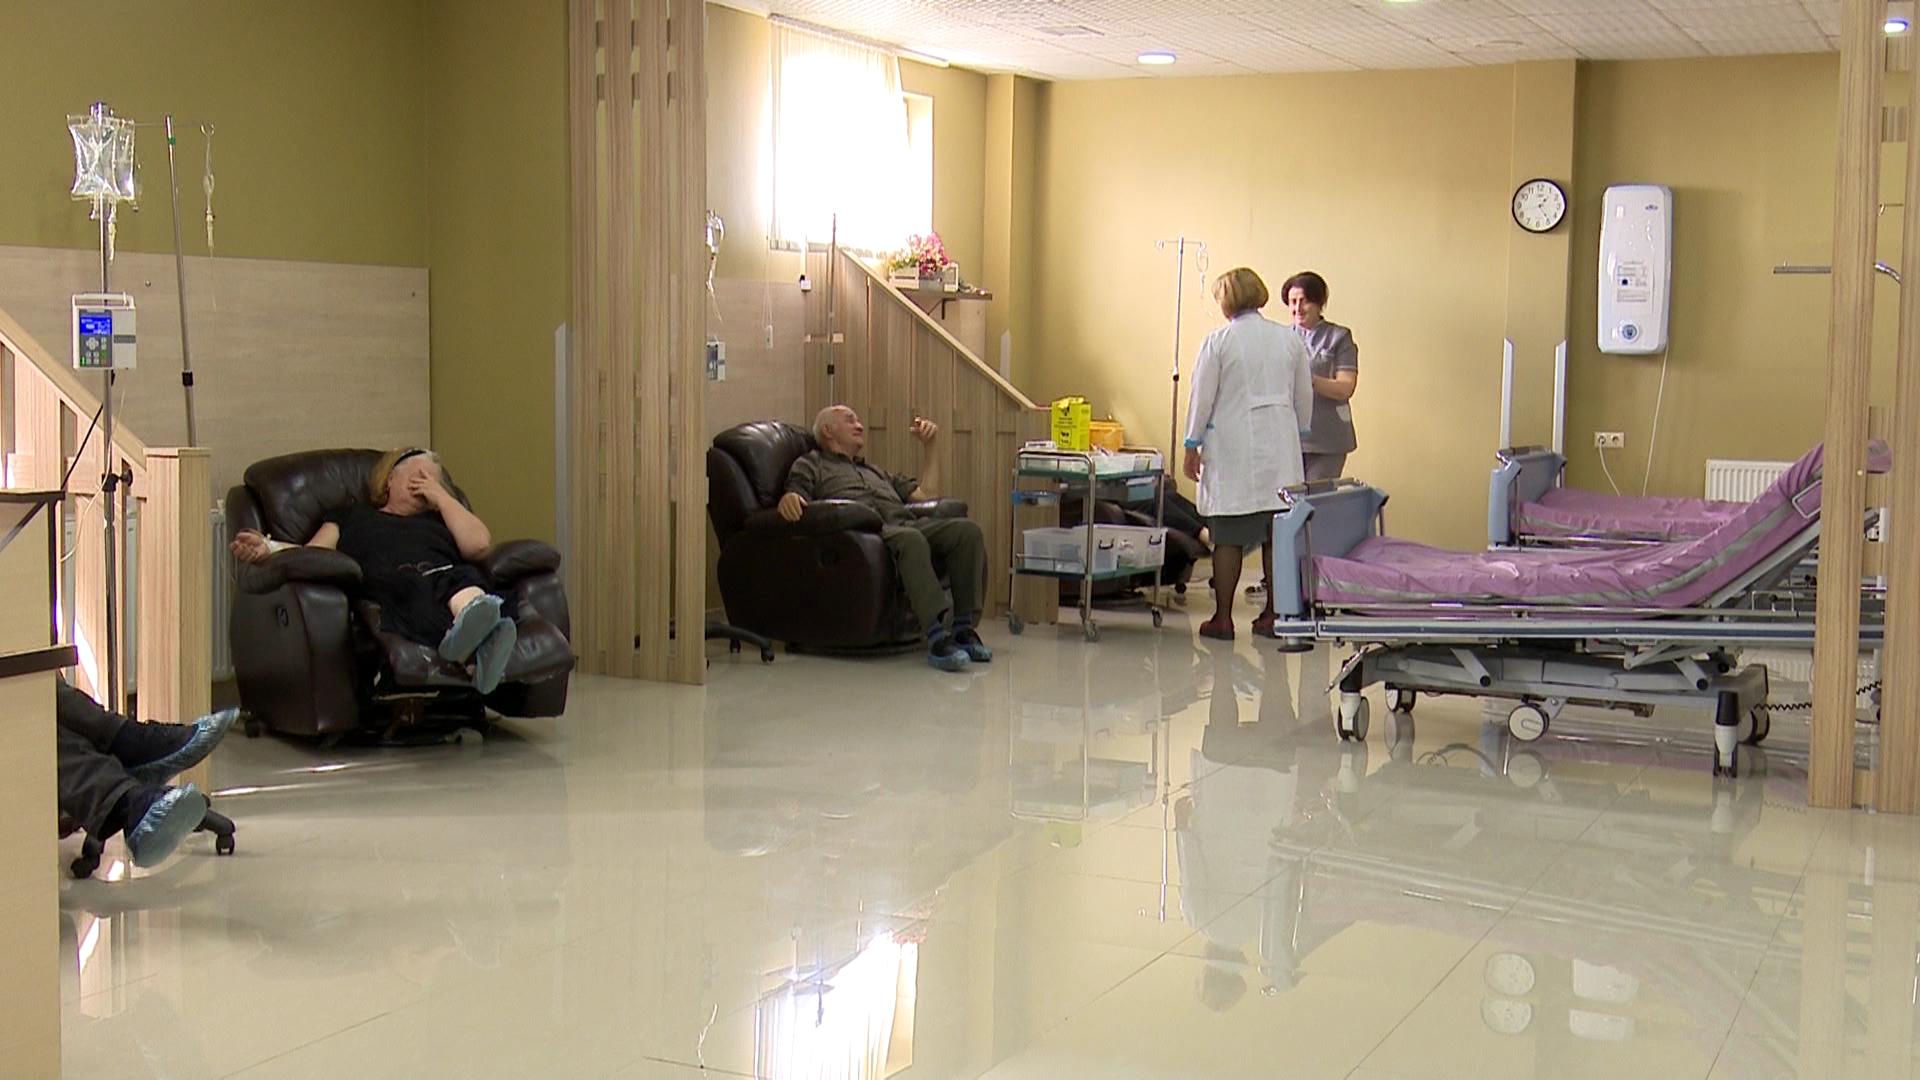 პალიატიური მკურნალობა - ტკივილგამაყუჩებელი 19 200 პირიდან 3 ათასმა მიიღო